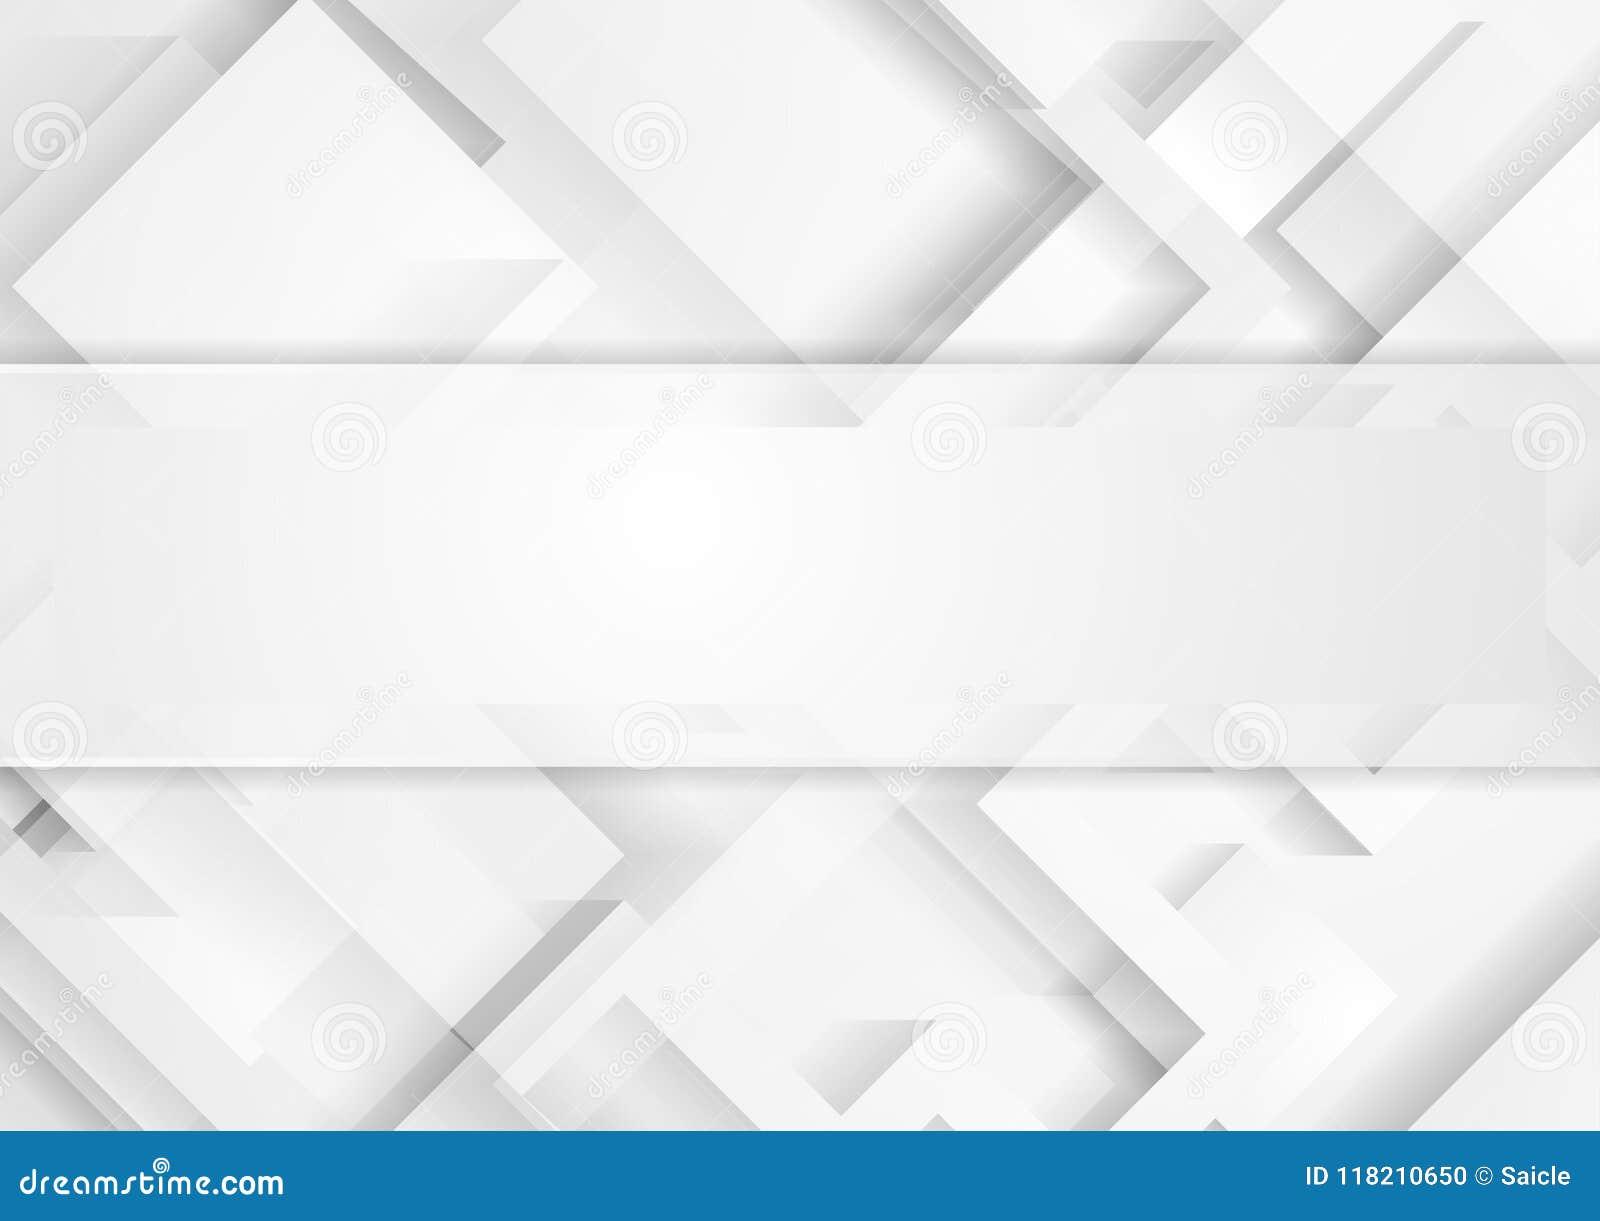 Fondo geometrico di tecnologia grigio chiaro astratta